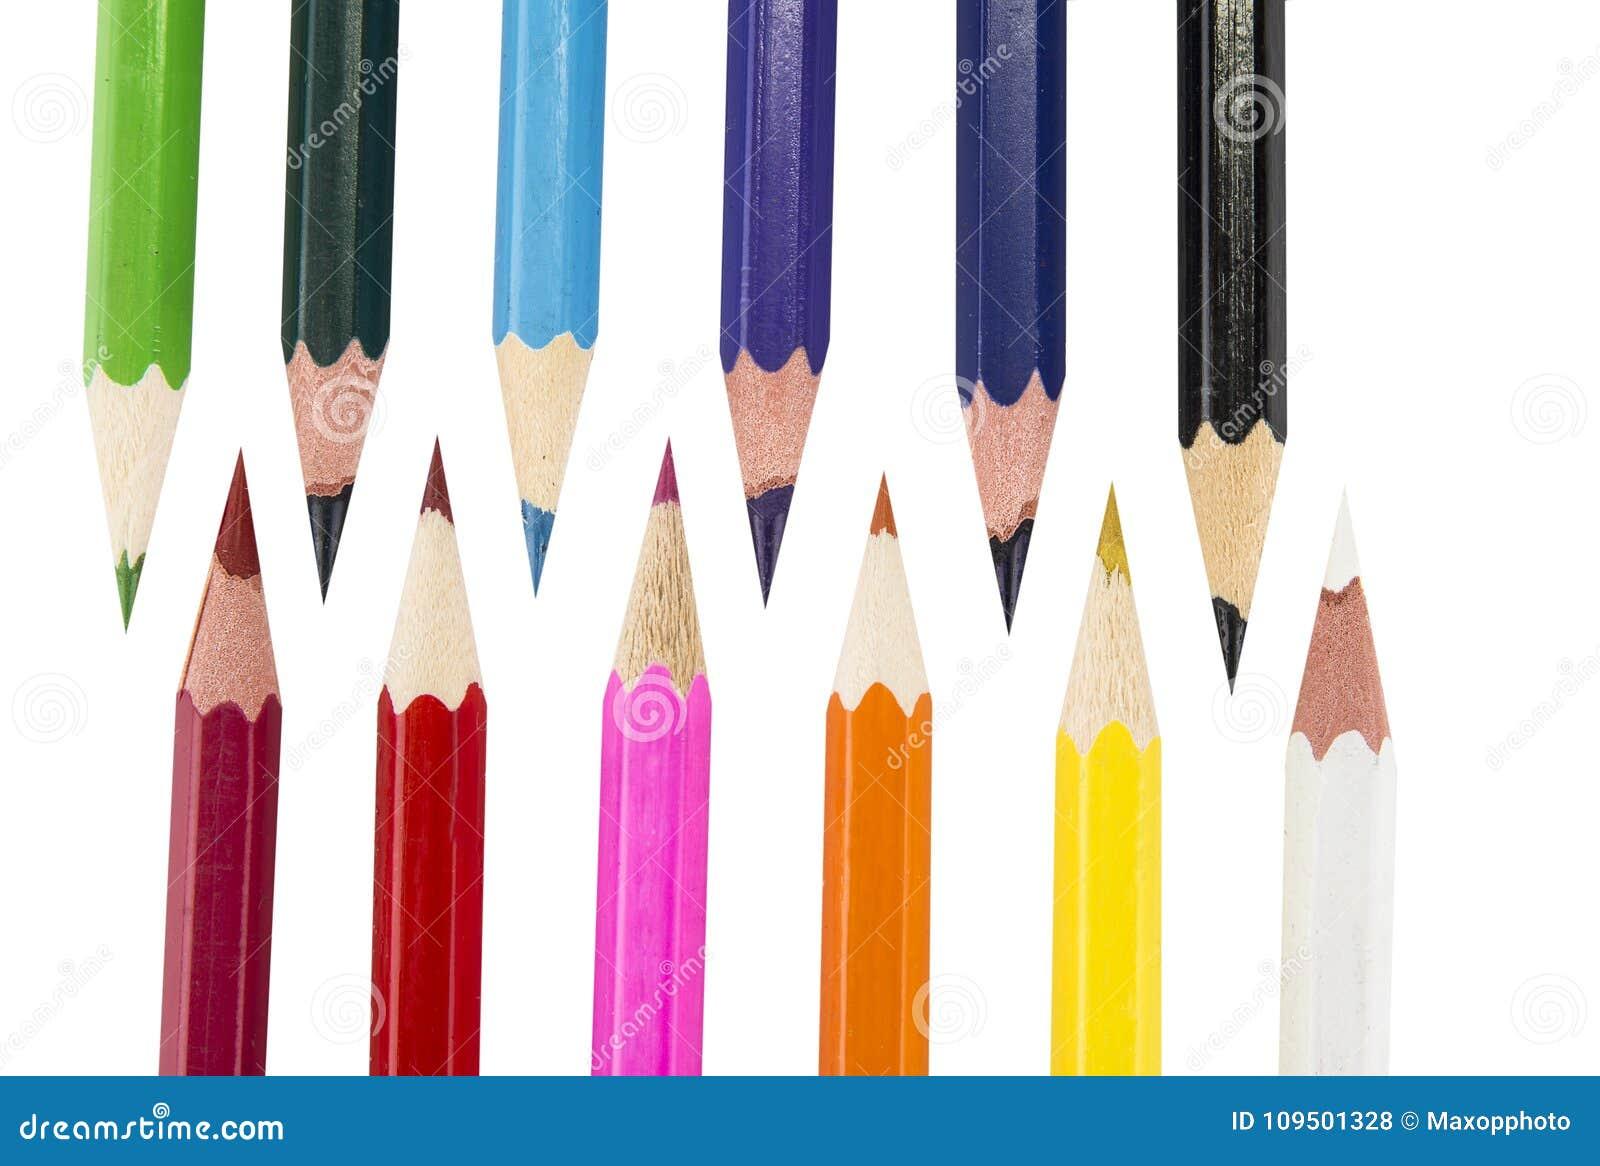 Sharpened coloriu lápis no fundo branco